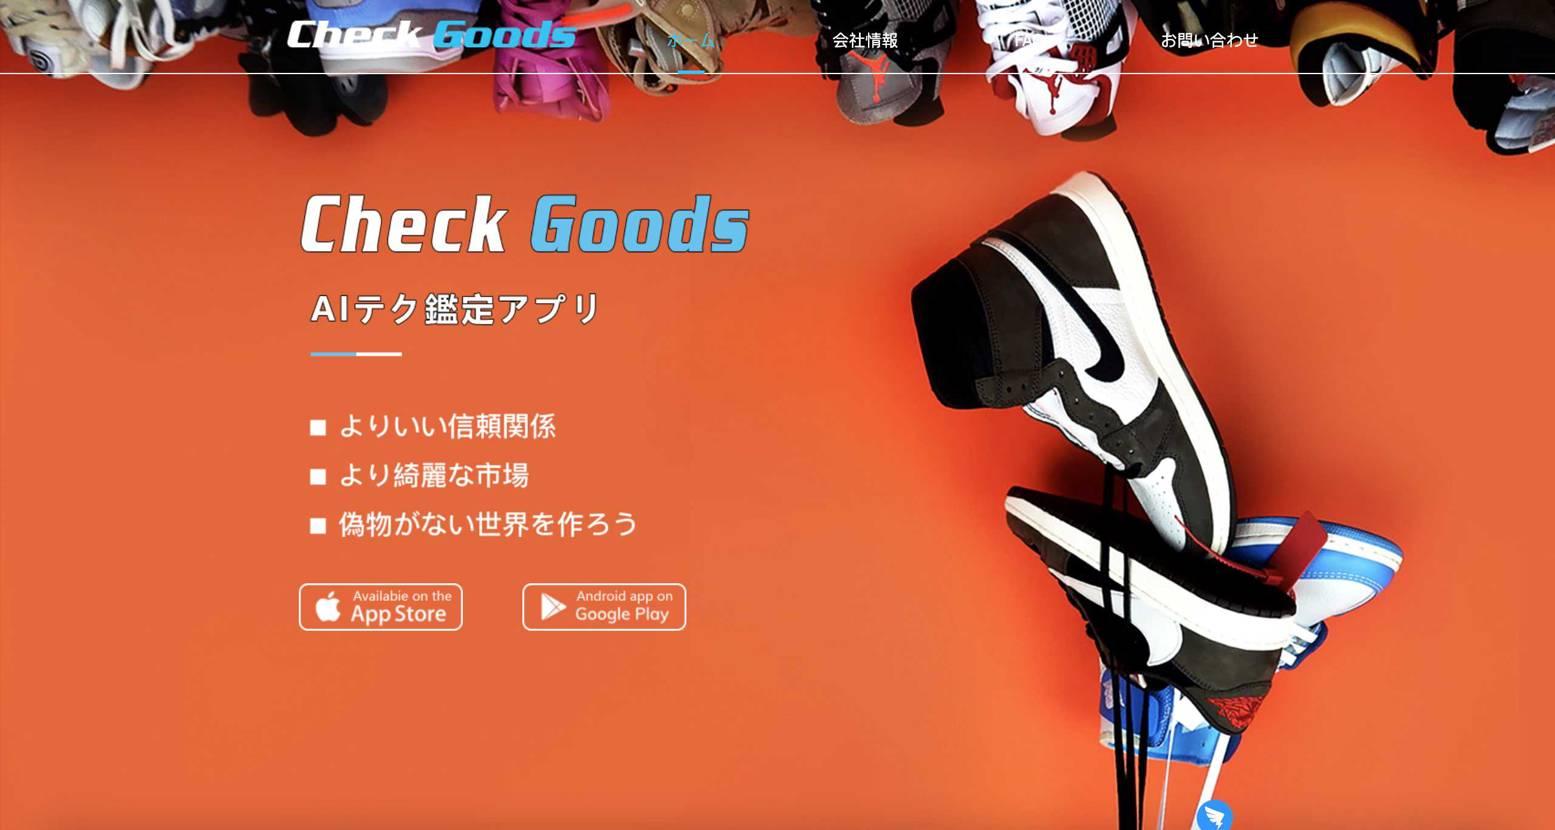 きのう、ここで Check Goodsっていうアプリの投稿を見ましたが、これ信頼